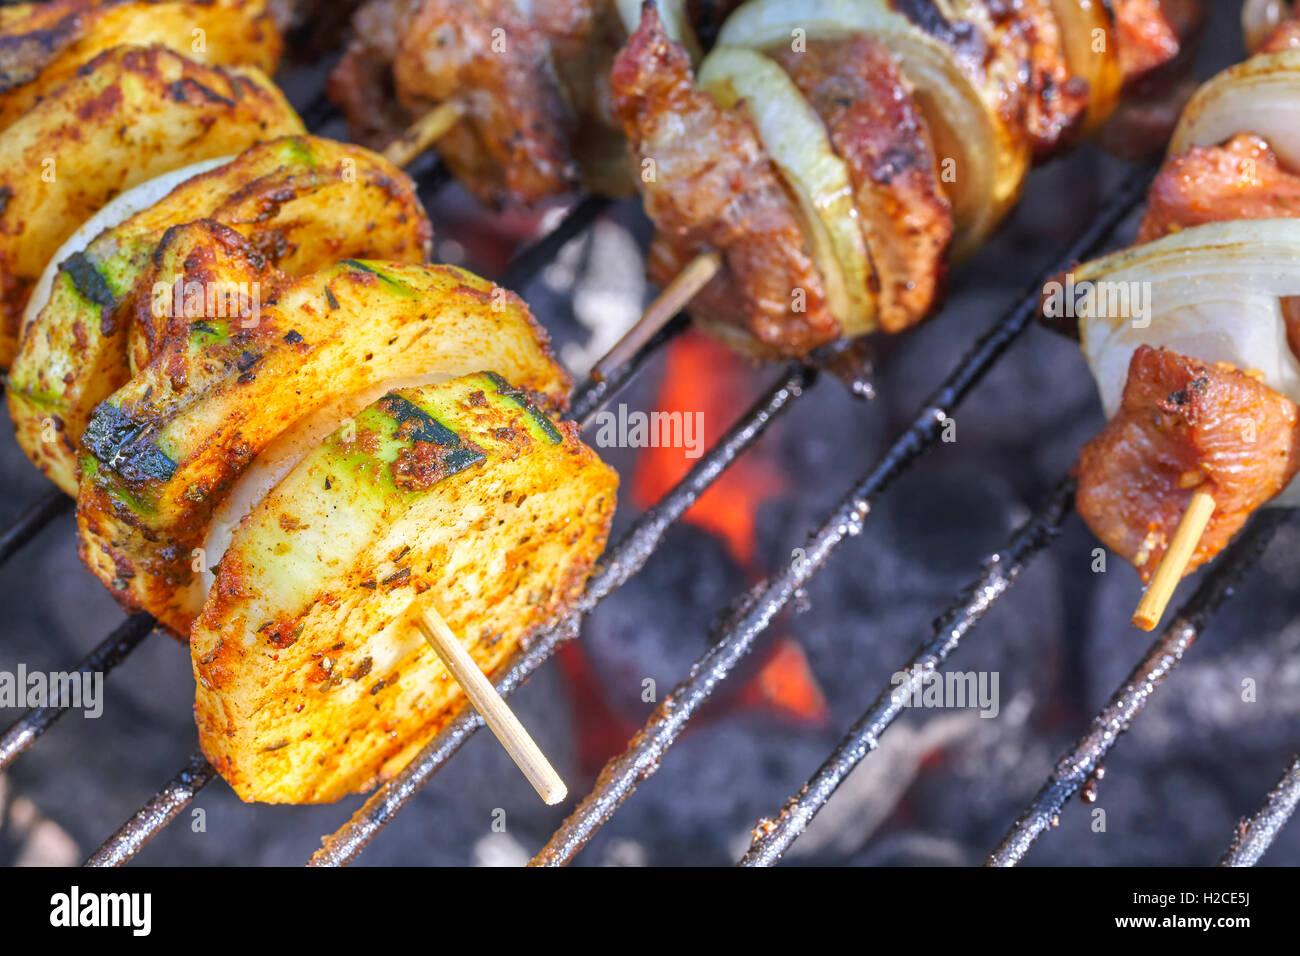 Close up foto di zucchine e spiedini di carne, barbecue nel giardino, il fuoco selettivo. Immagini Stock